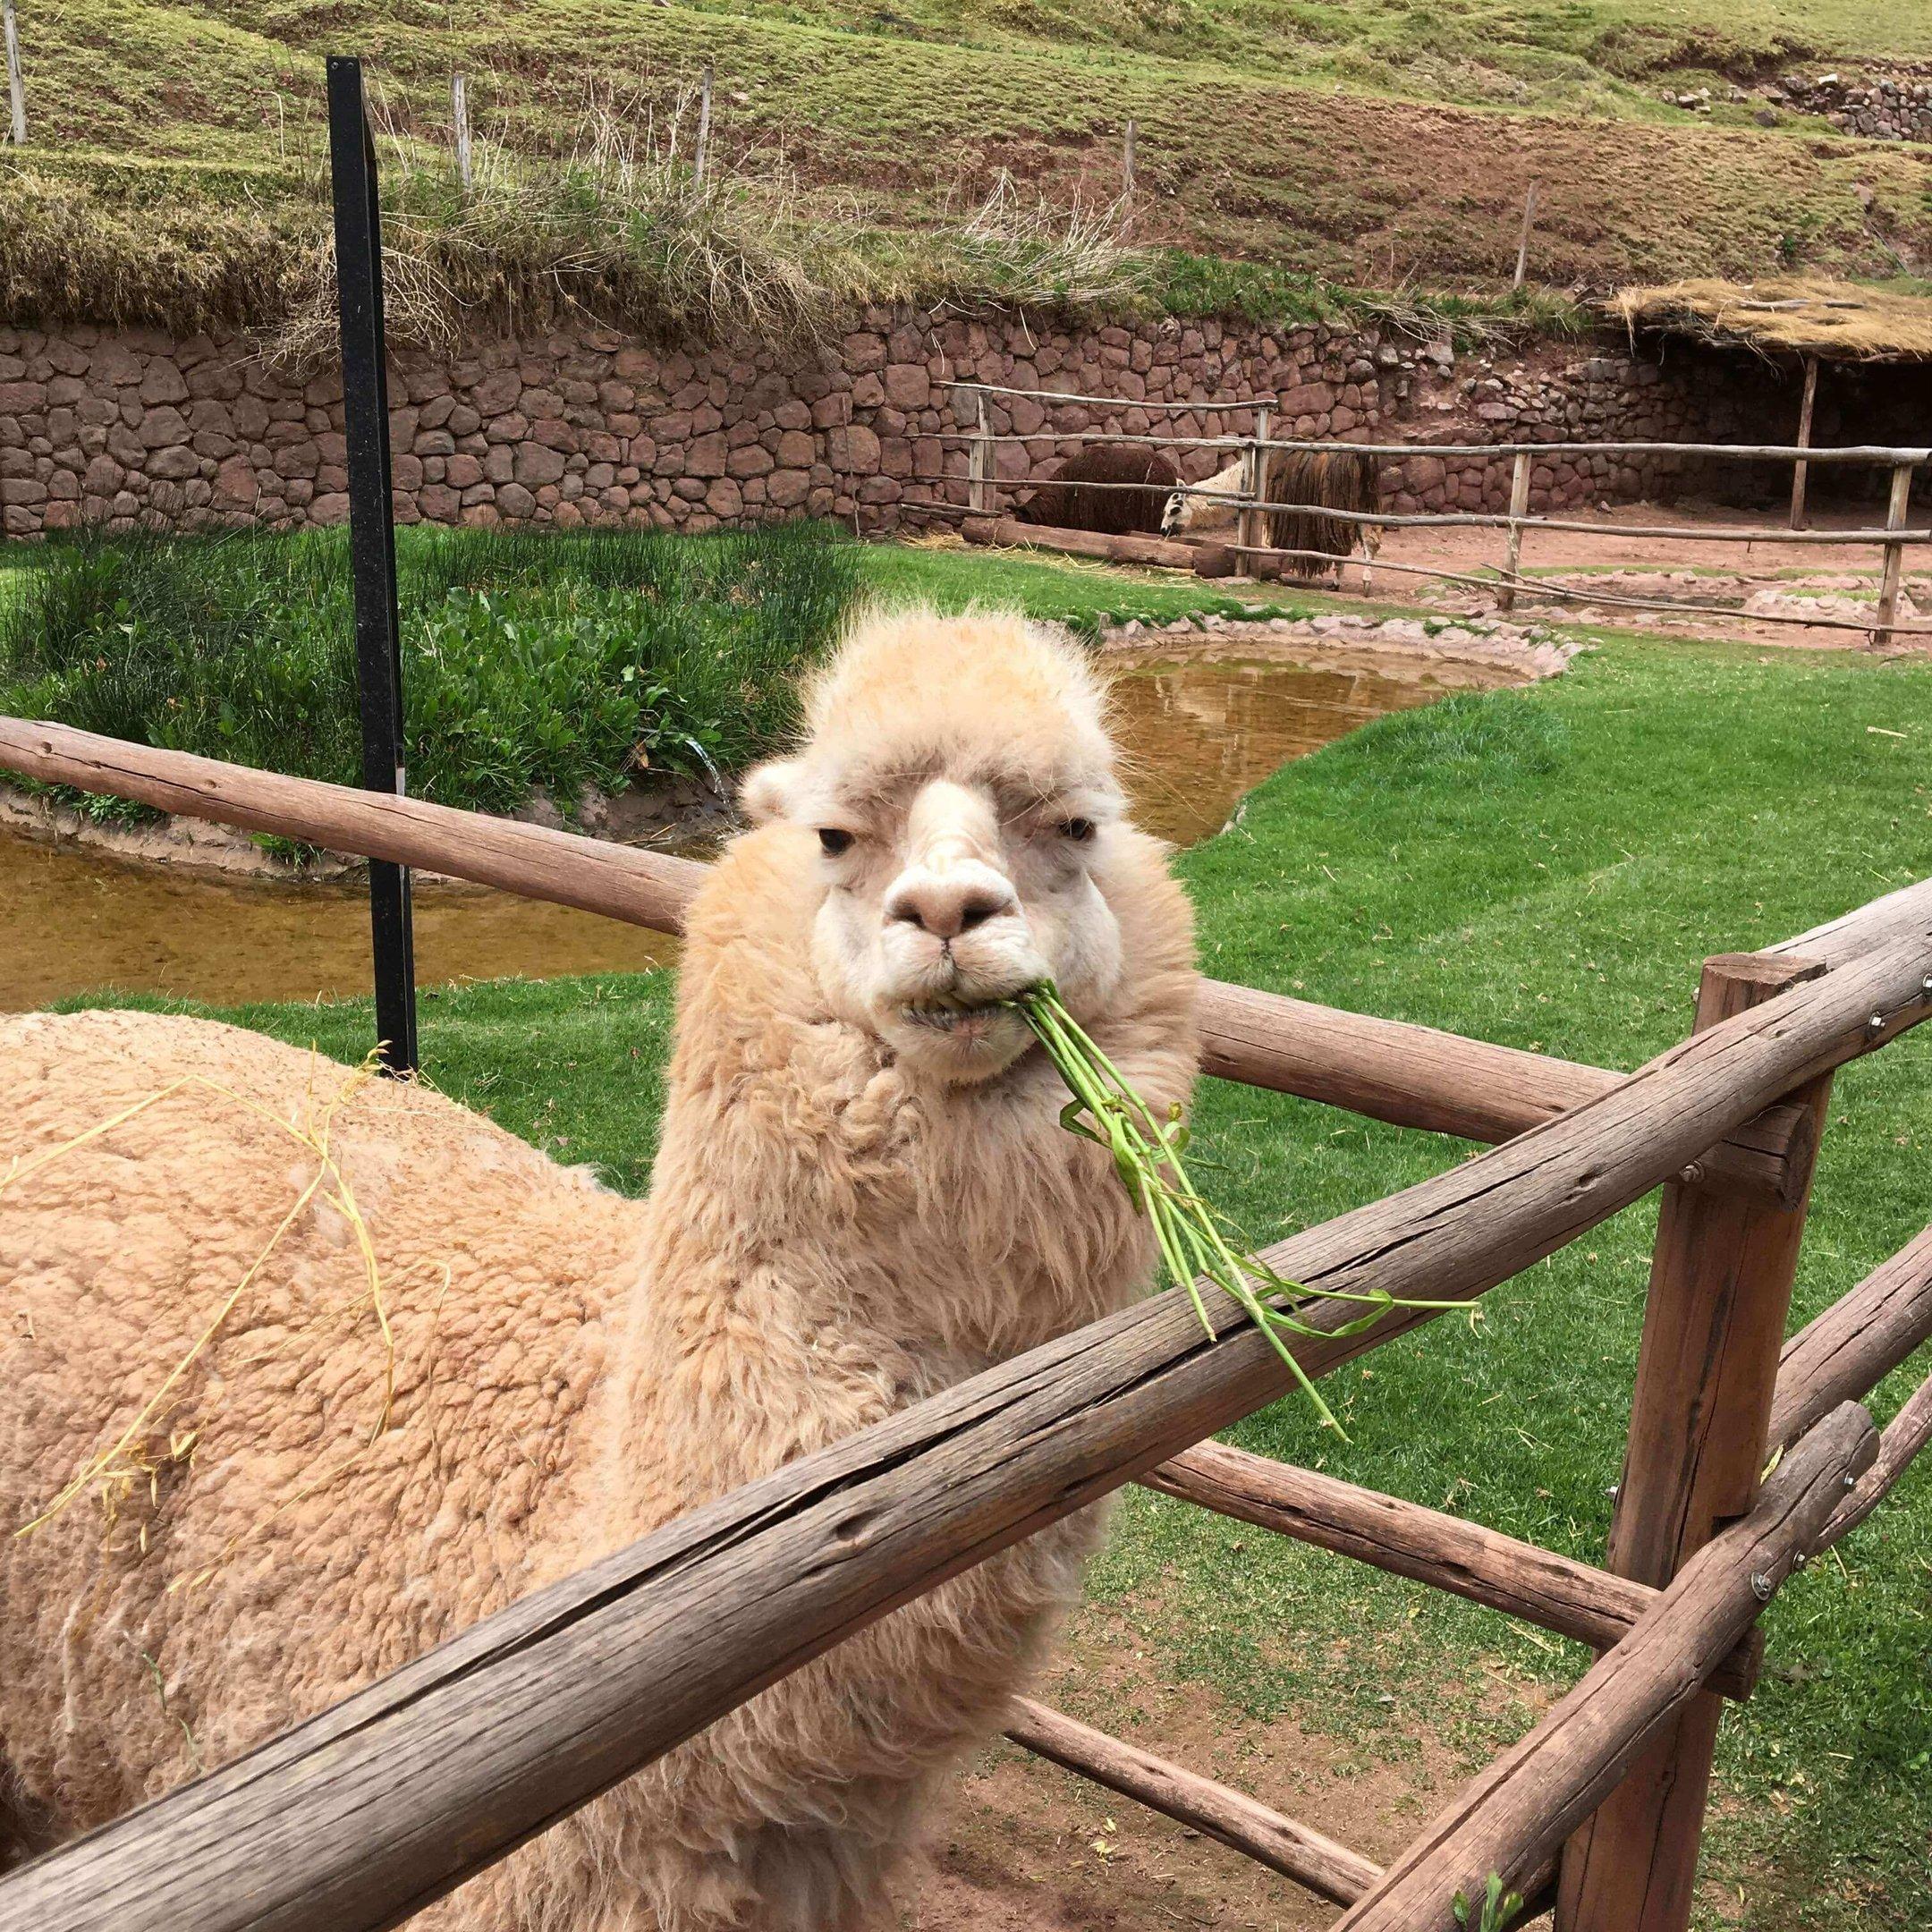 Lhamas e alpacas, símbolos do país, são alimentadas pelos turistas em locais como o Awana Kancha